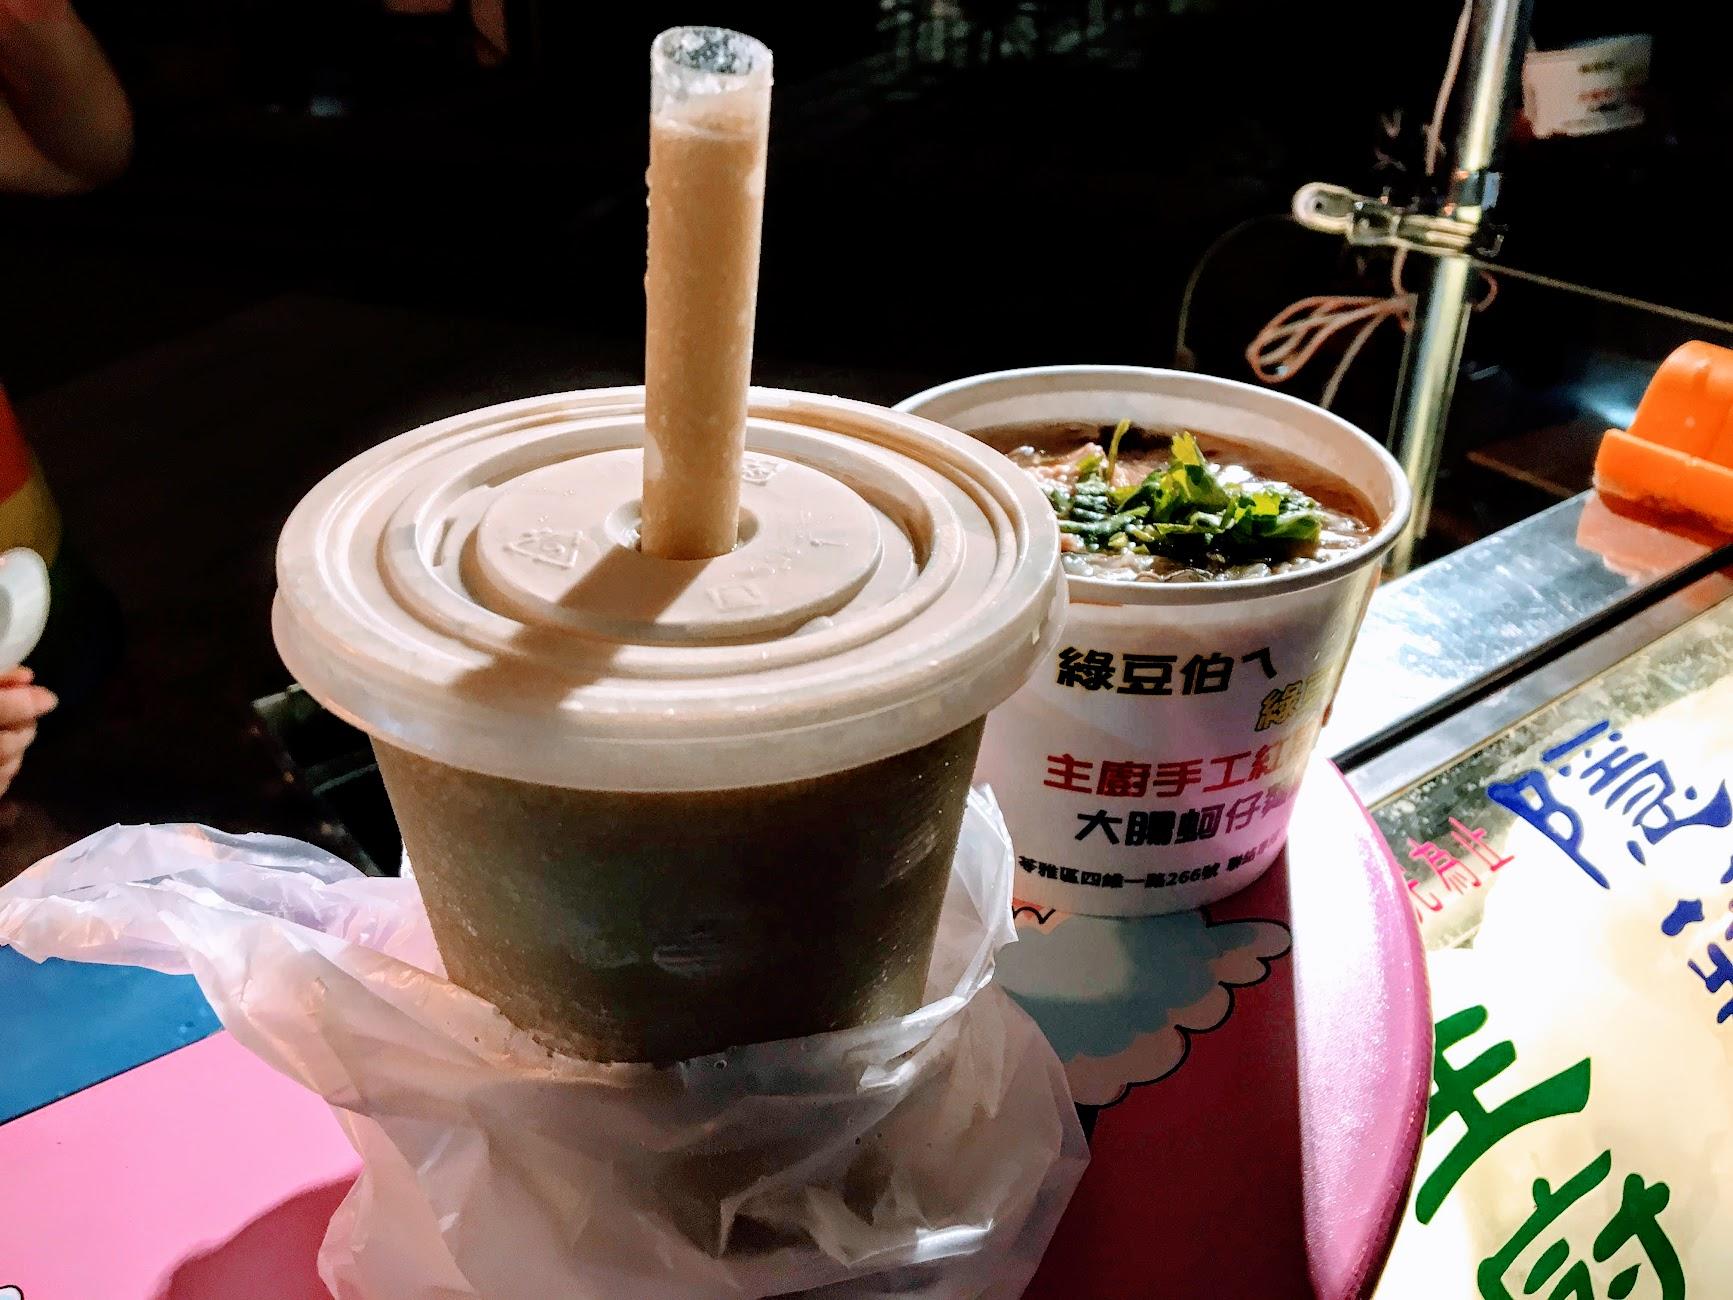 這個綠豆沙我只能說,很好喝! 冰冰涼涼,卻不會甜到口乾舌燥,讓我隔天又默默跑去買啊!